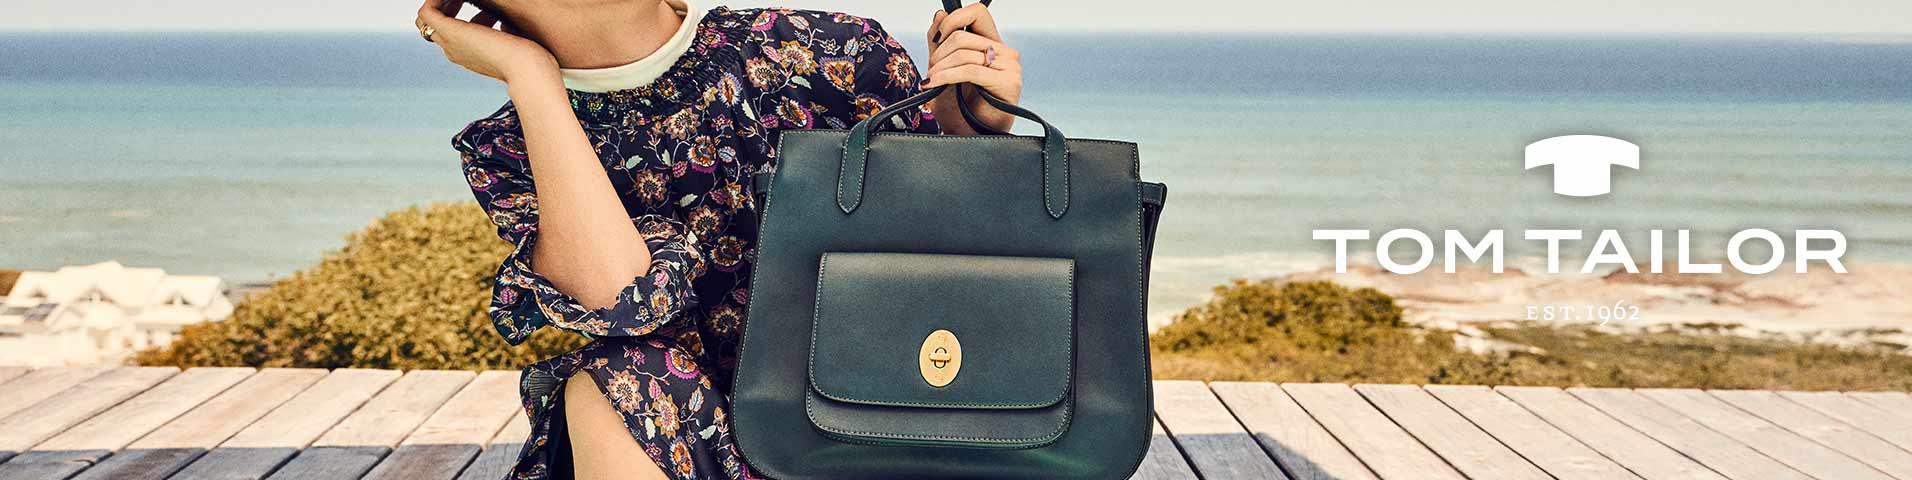 Różnorodne, stylowe torby damskie TOM TAILOR w Zalando